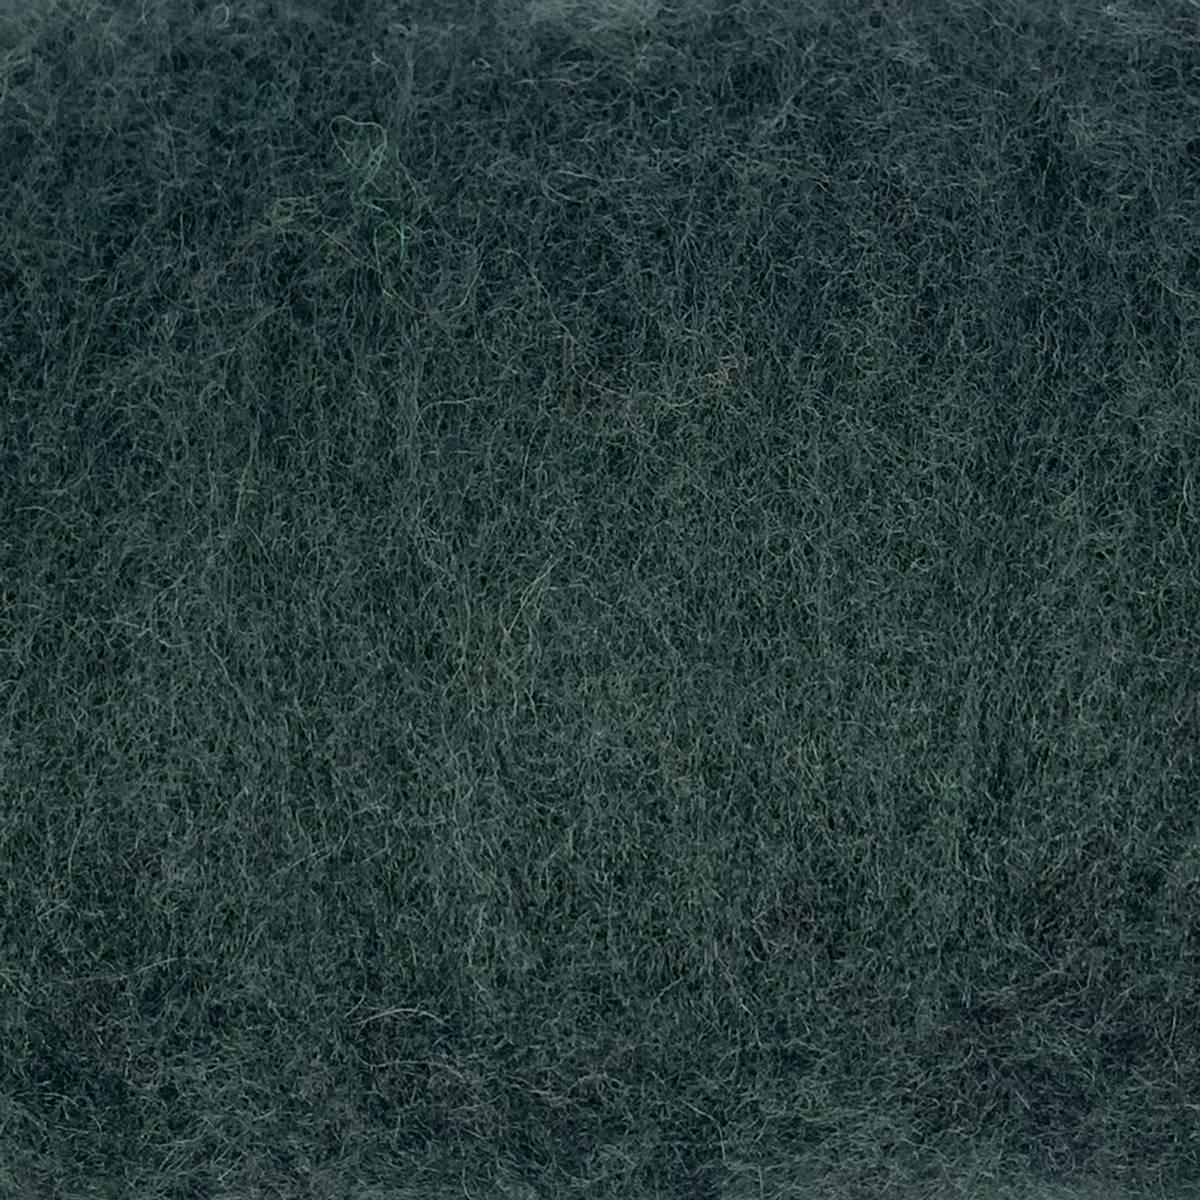 Kardet ull, kald mørkegrønn 100g